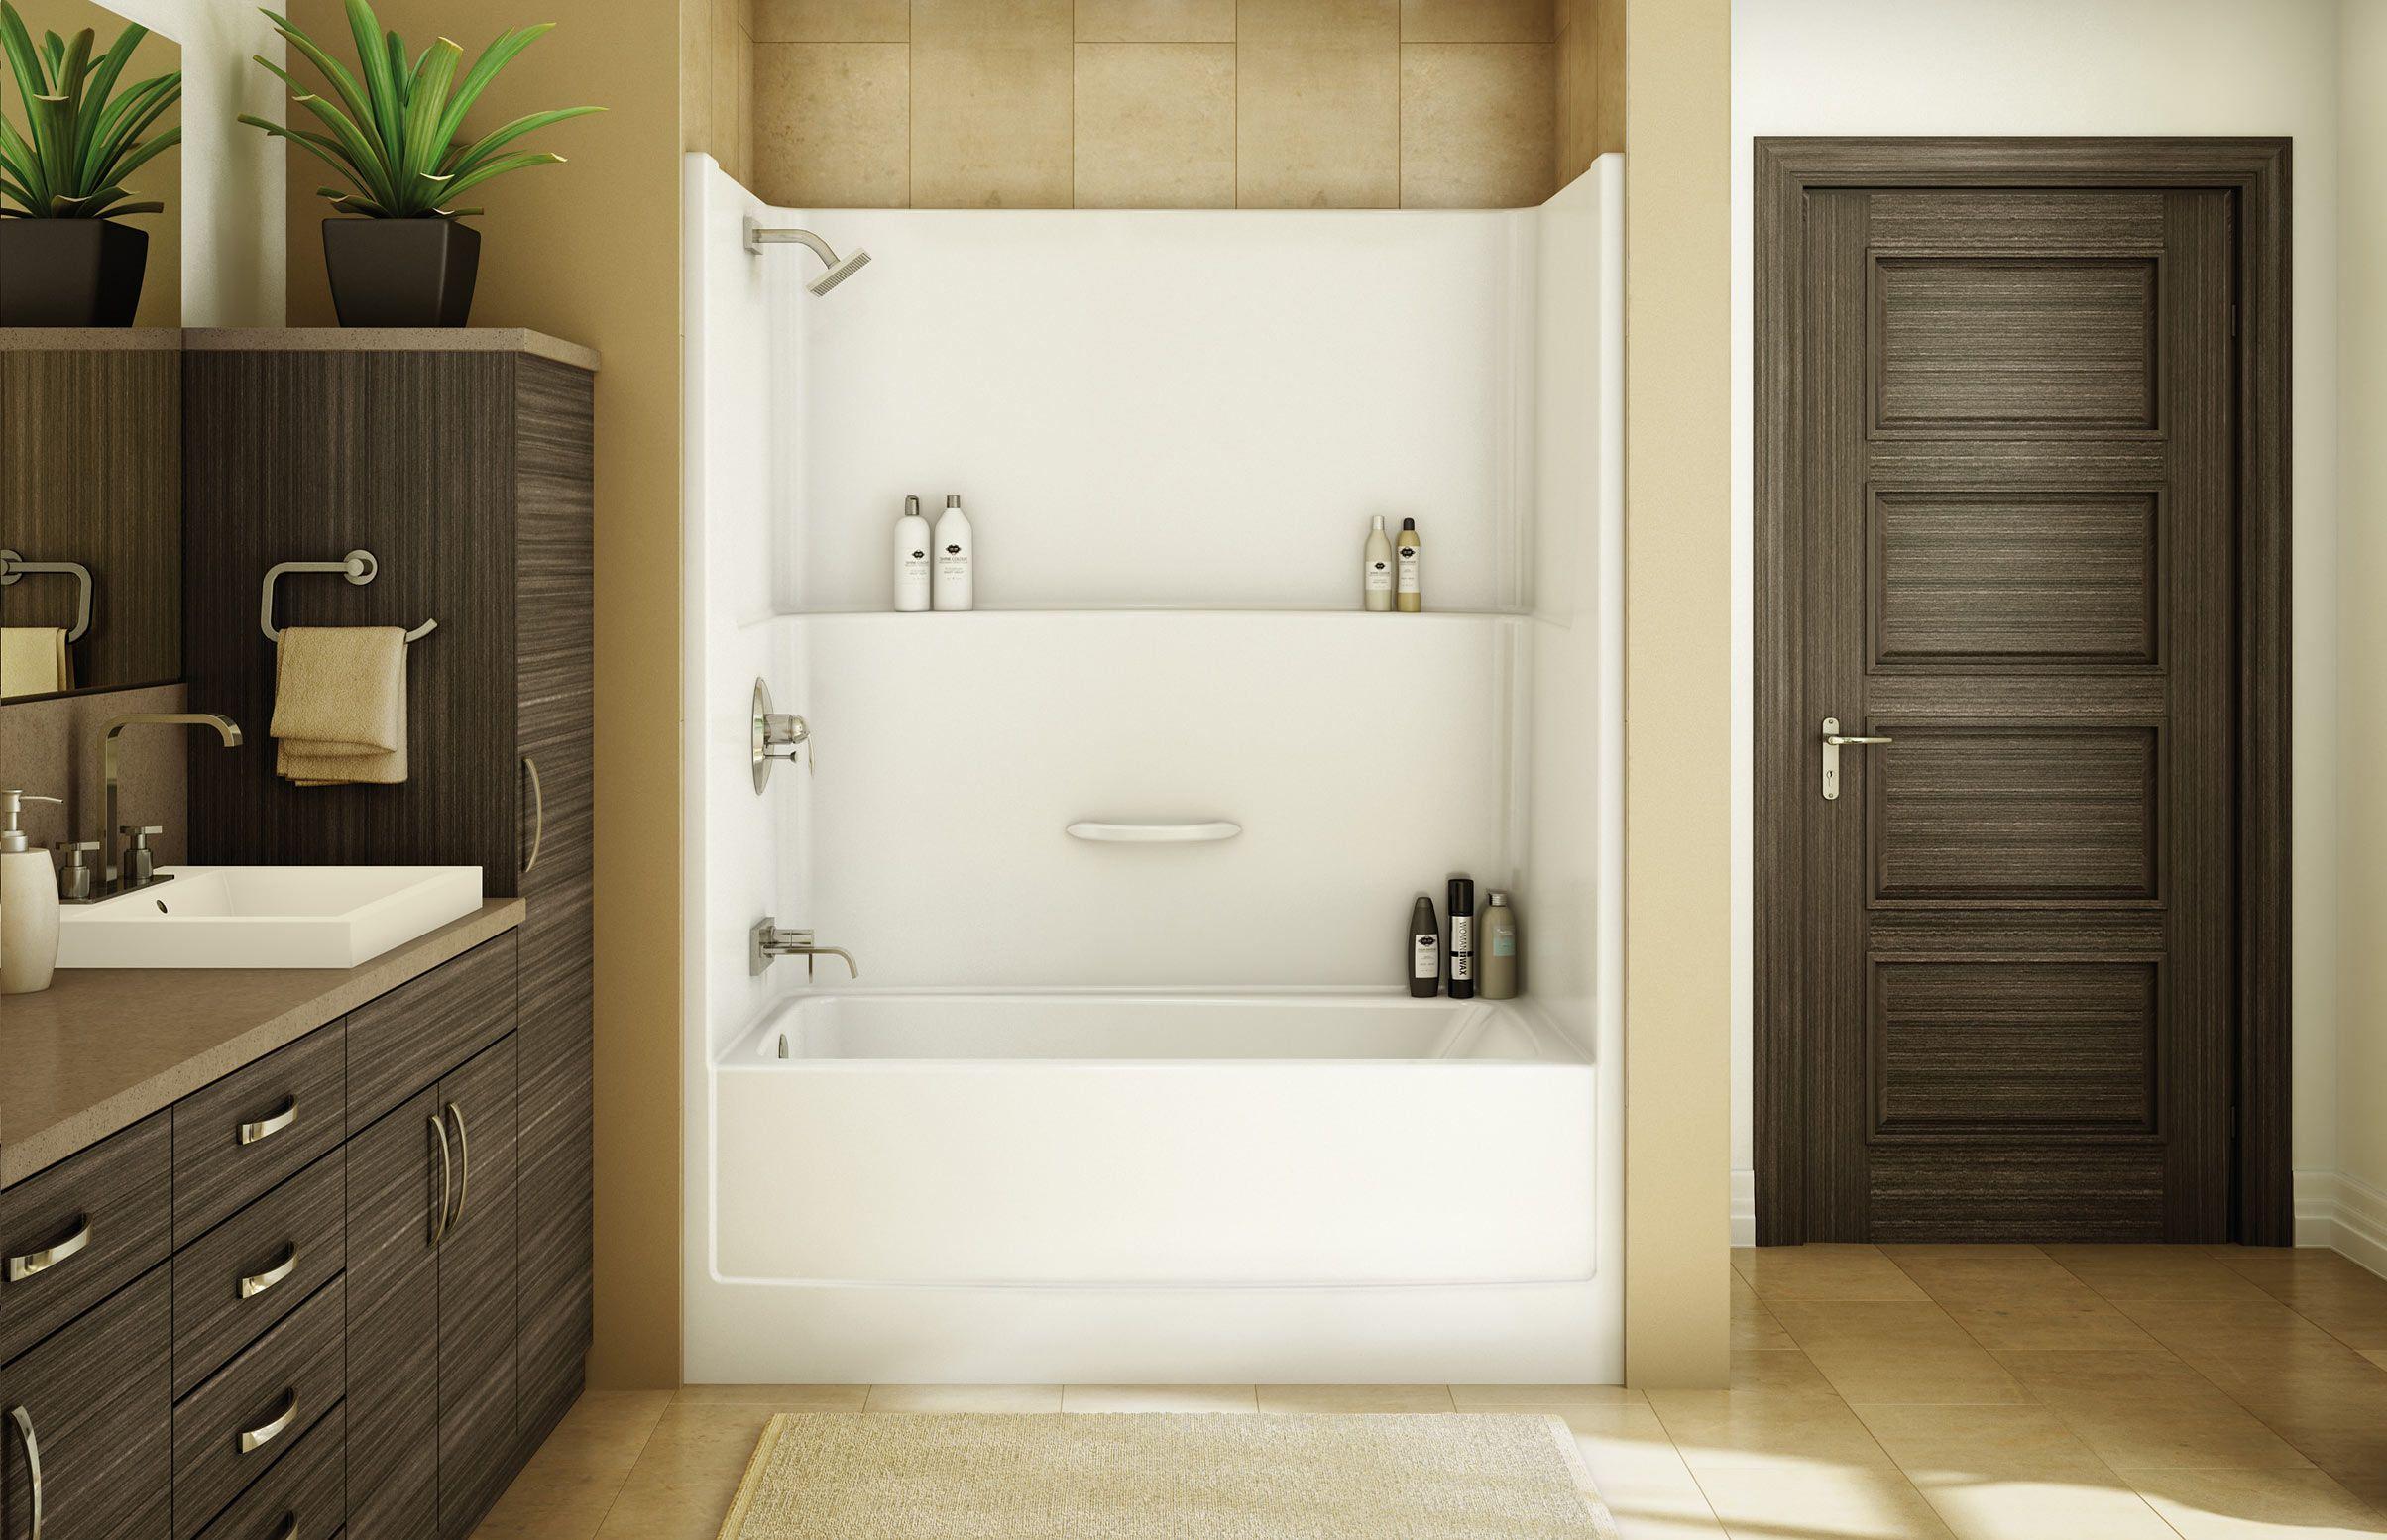 Baignoire Fibre De Pierre louie 5829 | baignoire douche, idées baignoire et baignoire